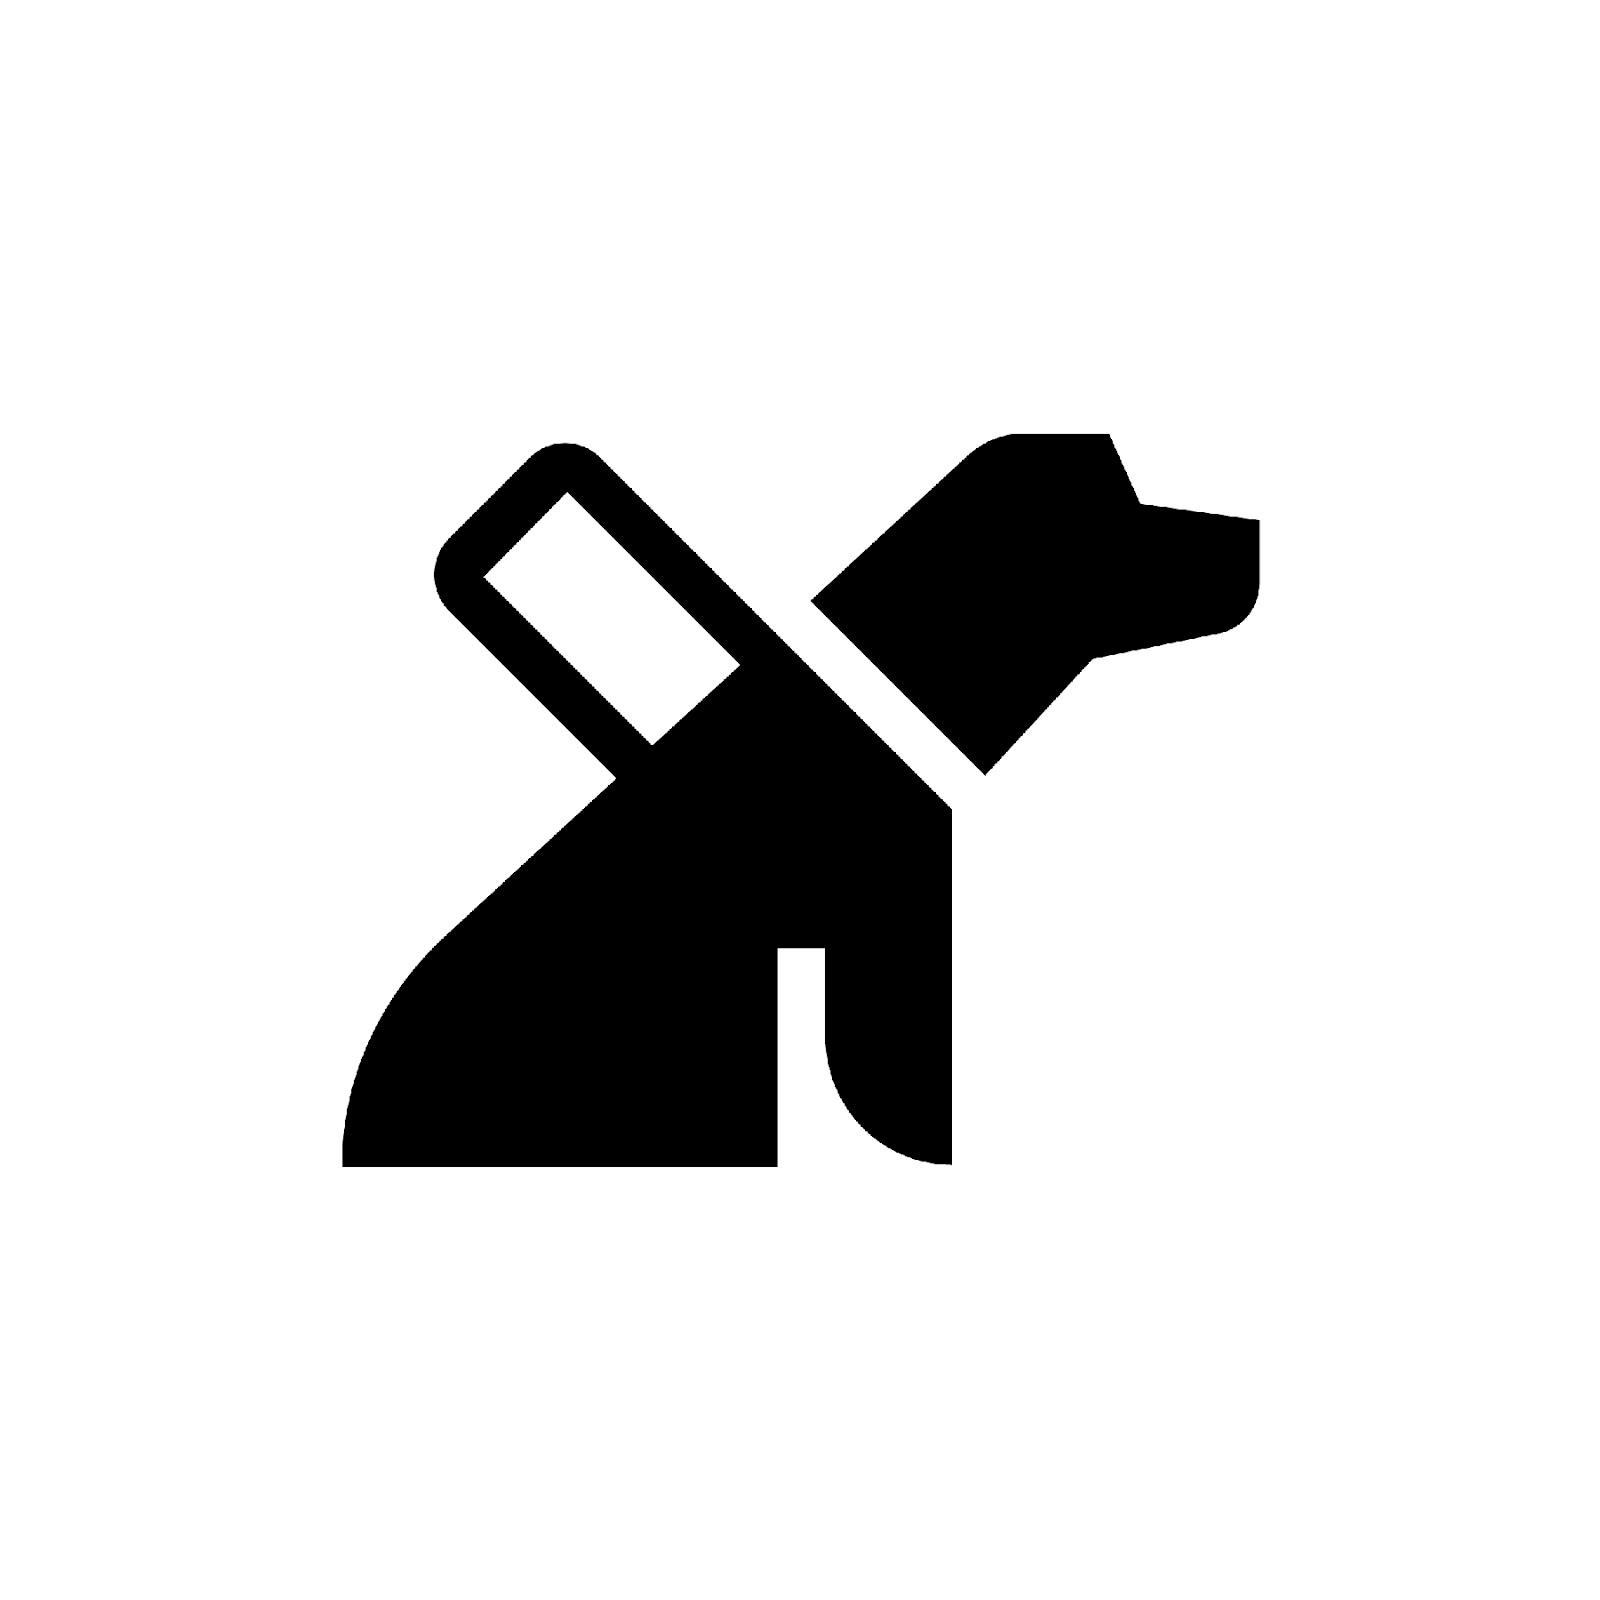 guide-dog.jpg